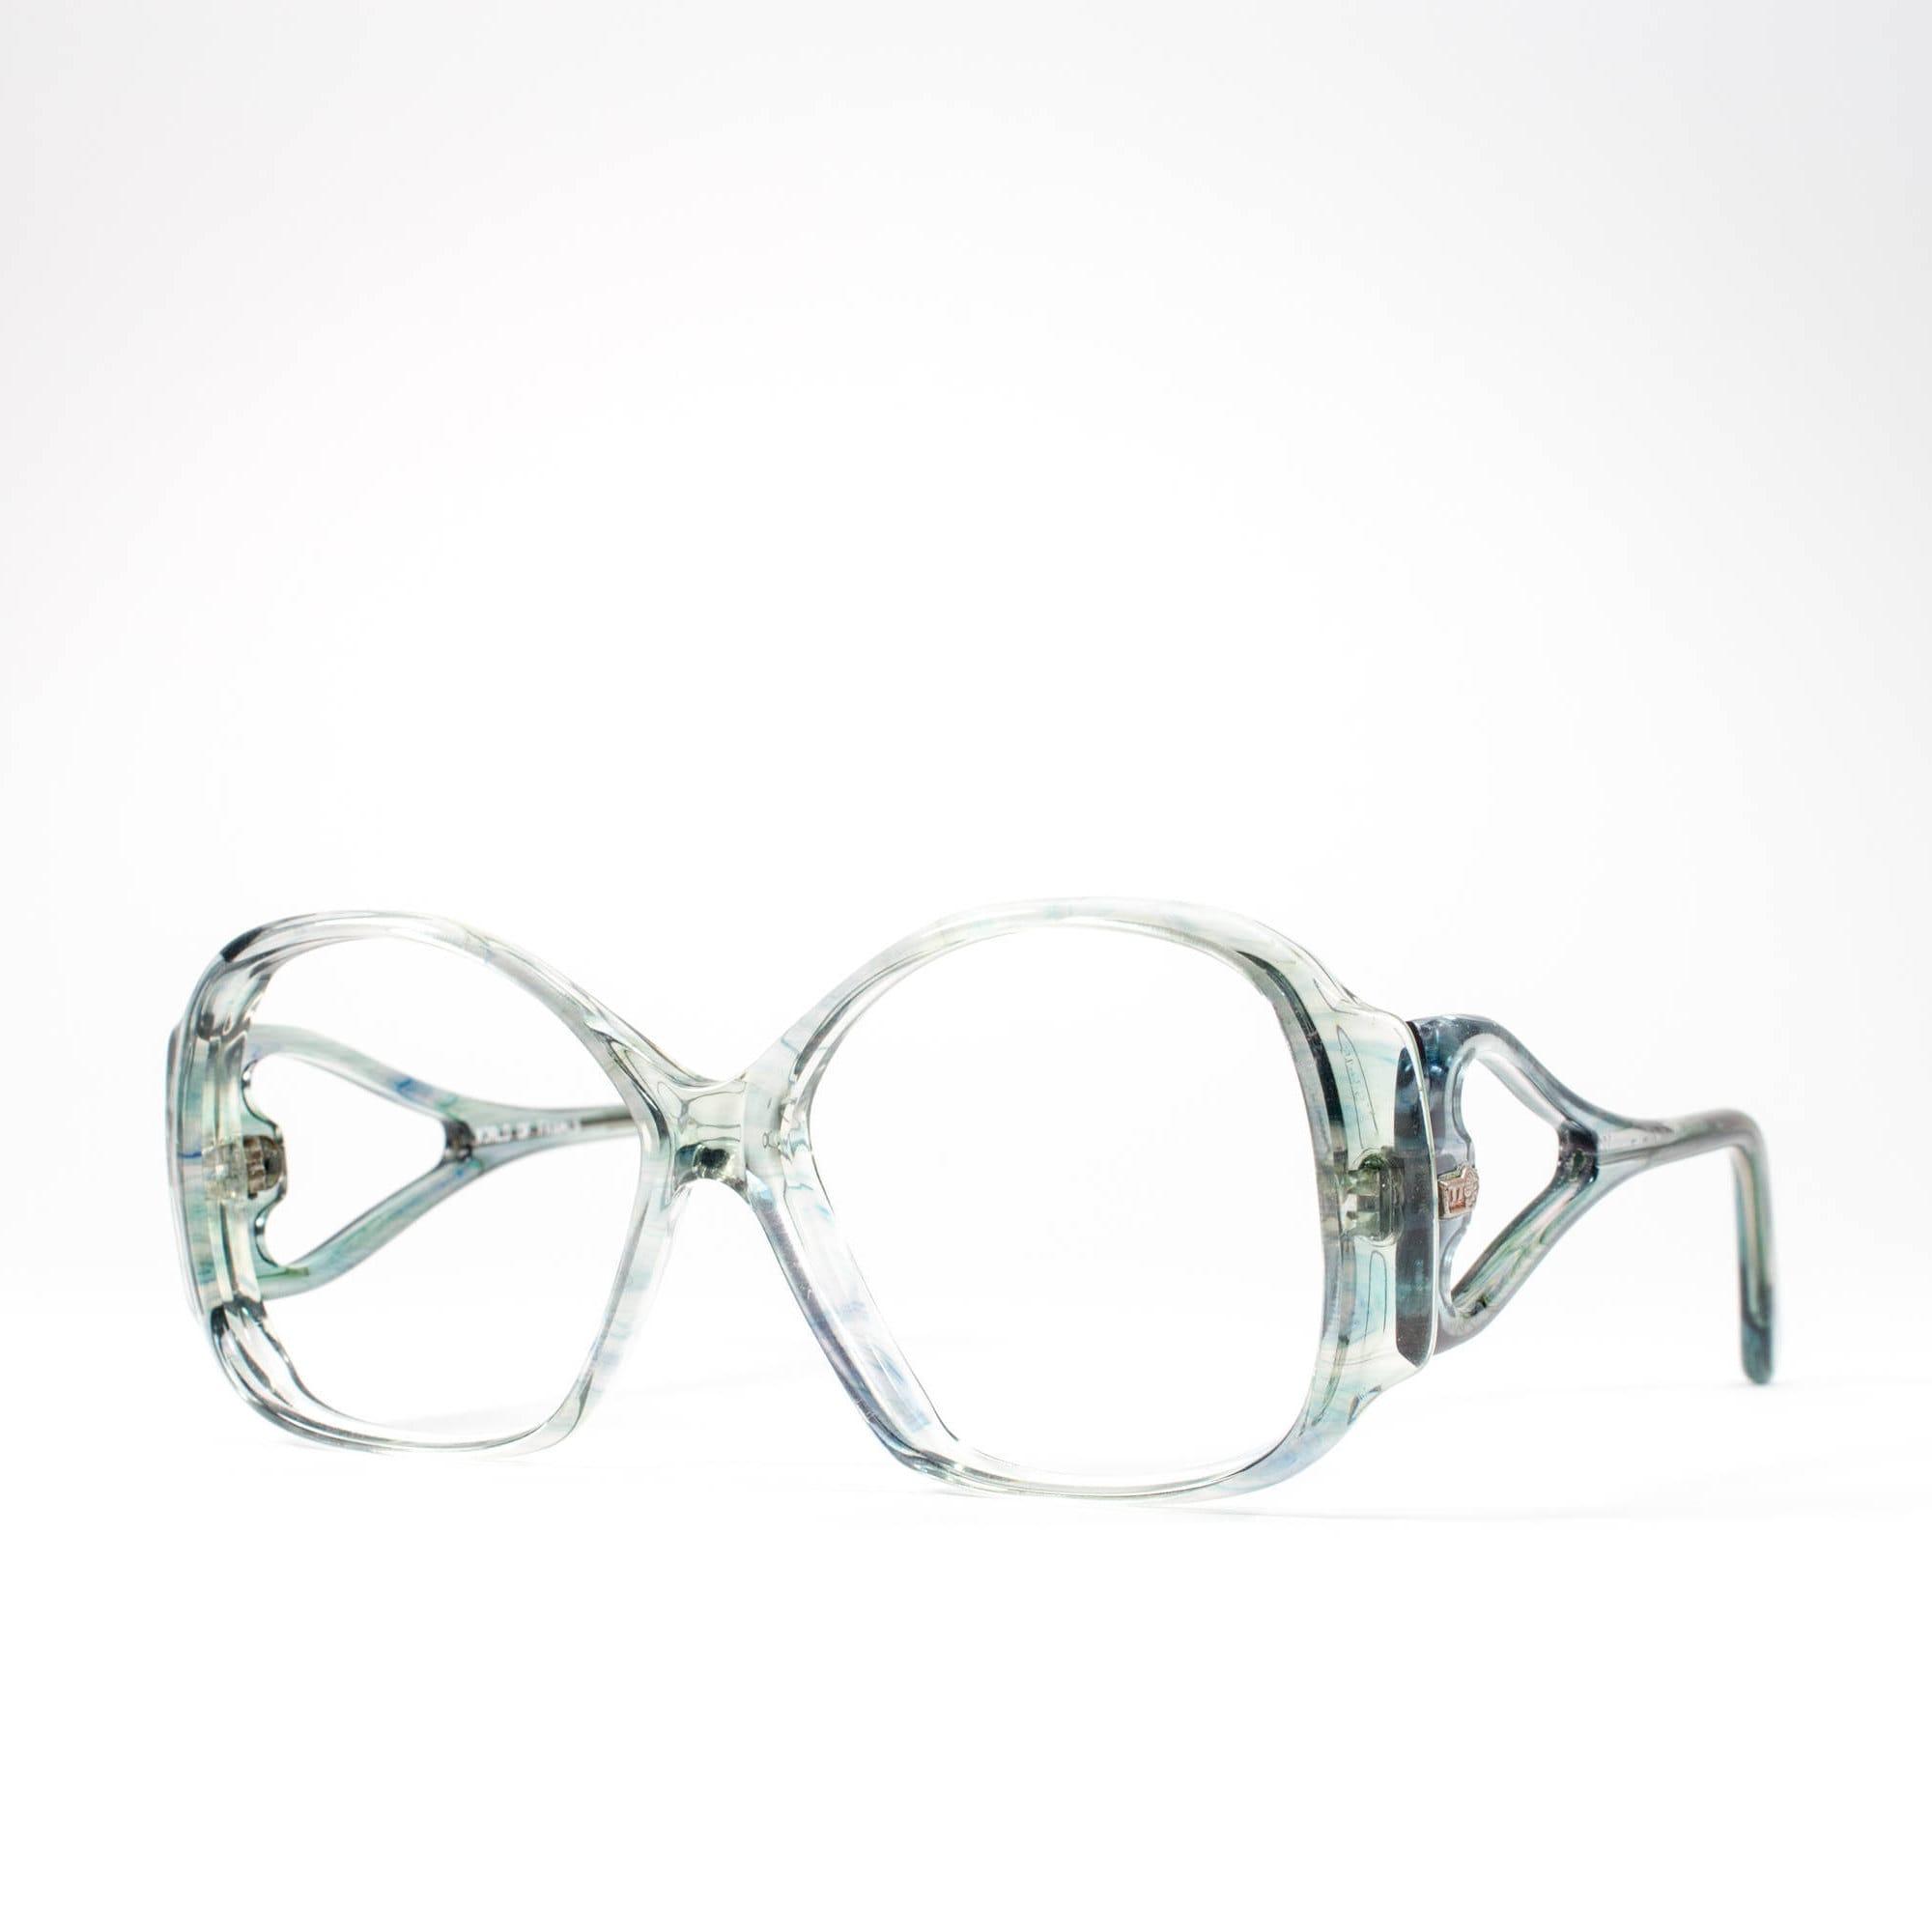 8882af6fb9 Vintage Eyeglasses